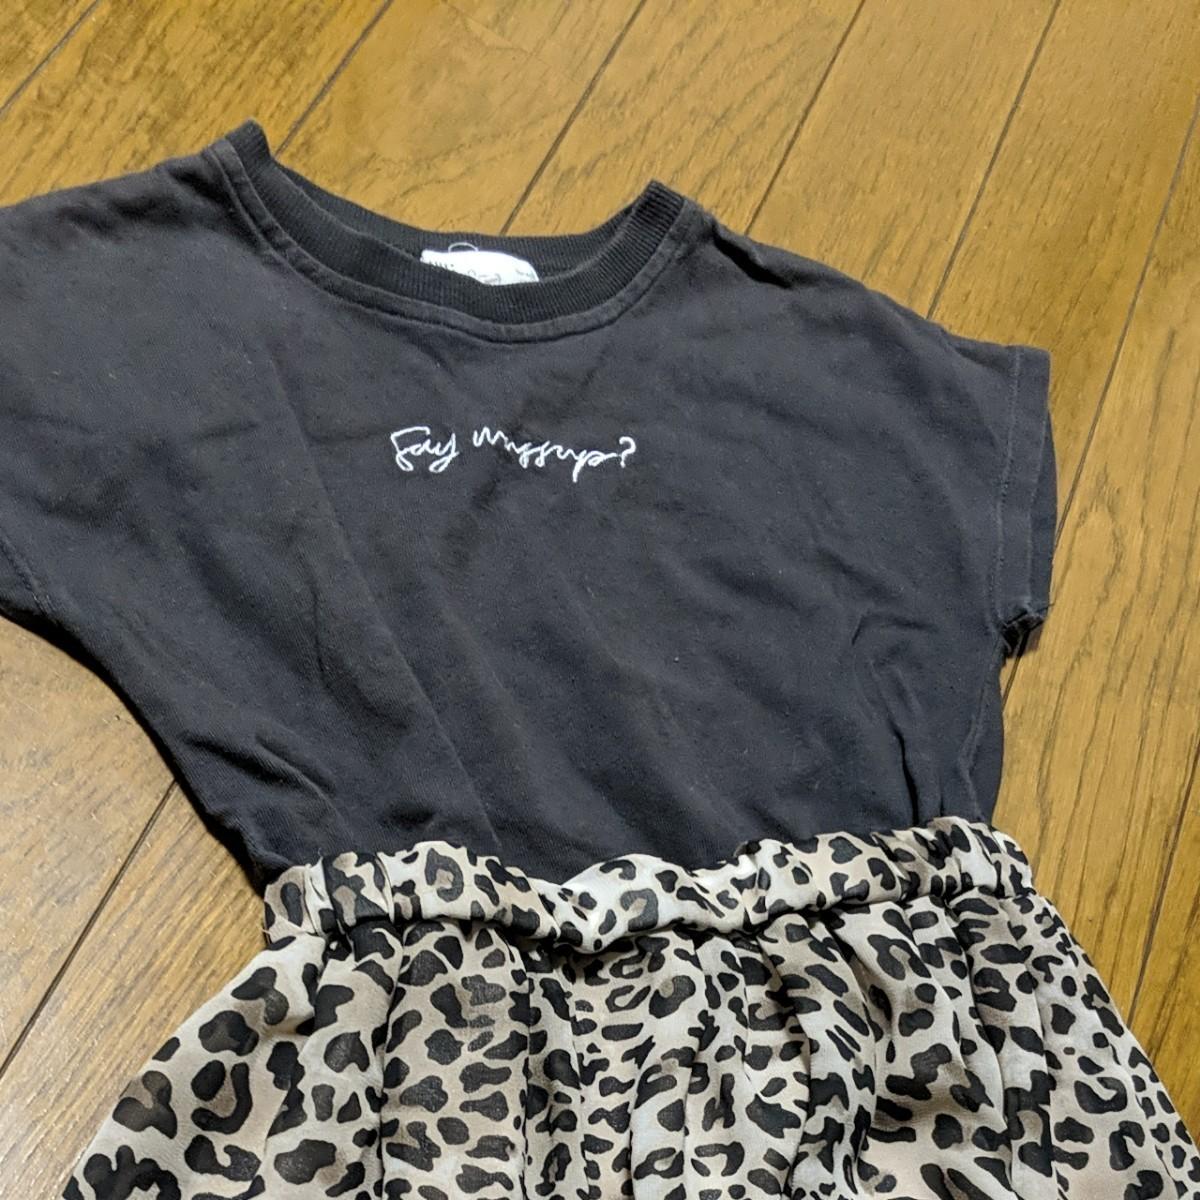 半袖ワンピース豹柄ヒョウ柄 サマーワンピースグレー&ヒョウ柄サイズ120